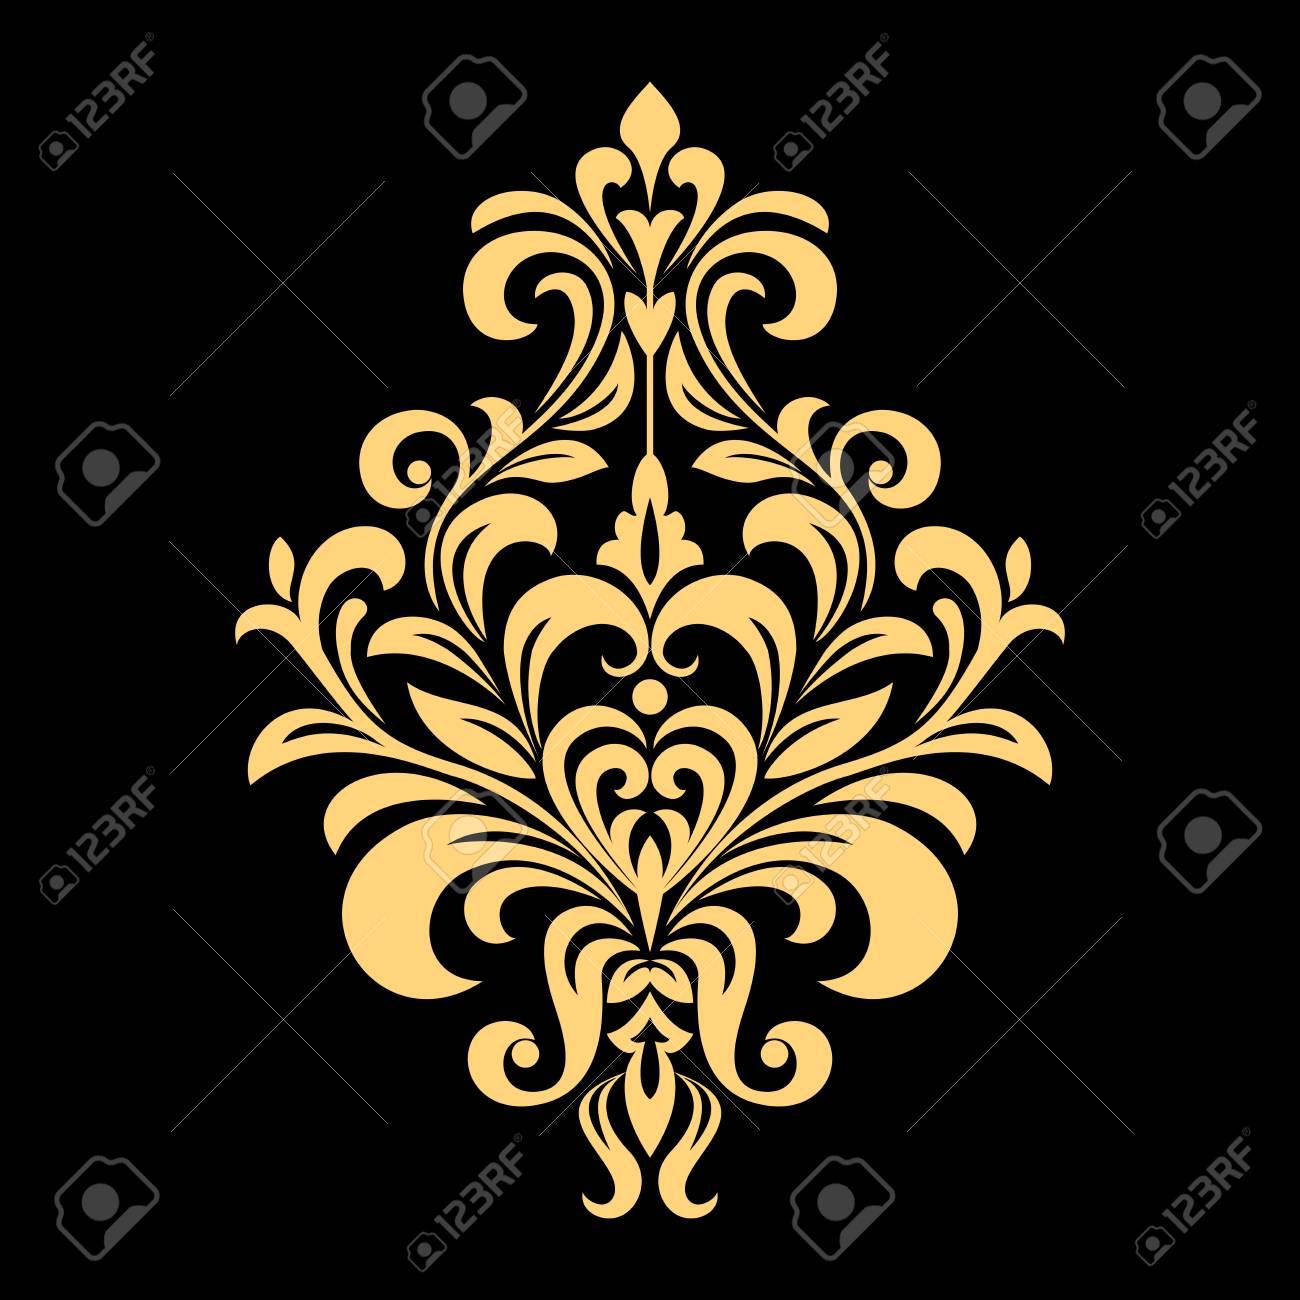 Golden vector pattern on a black background. Damask graphic ornament. Floral design element. - 101723528